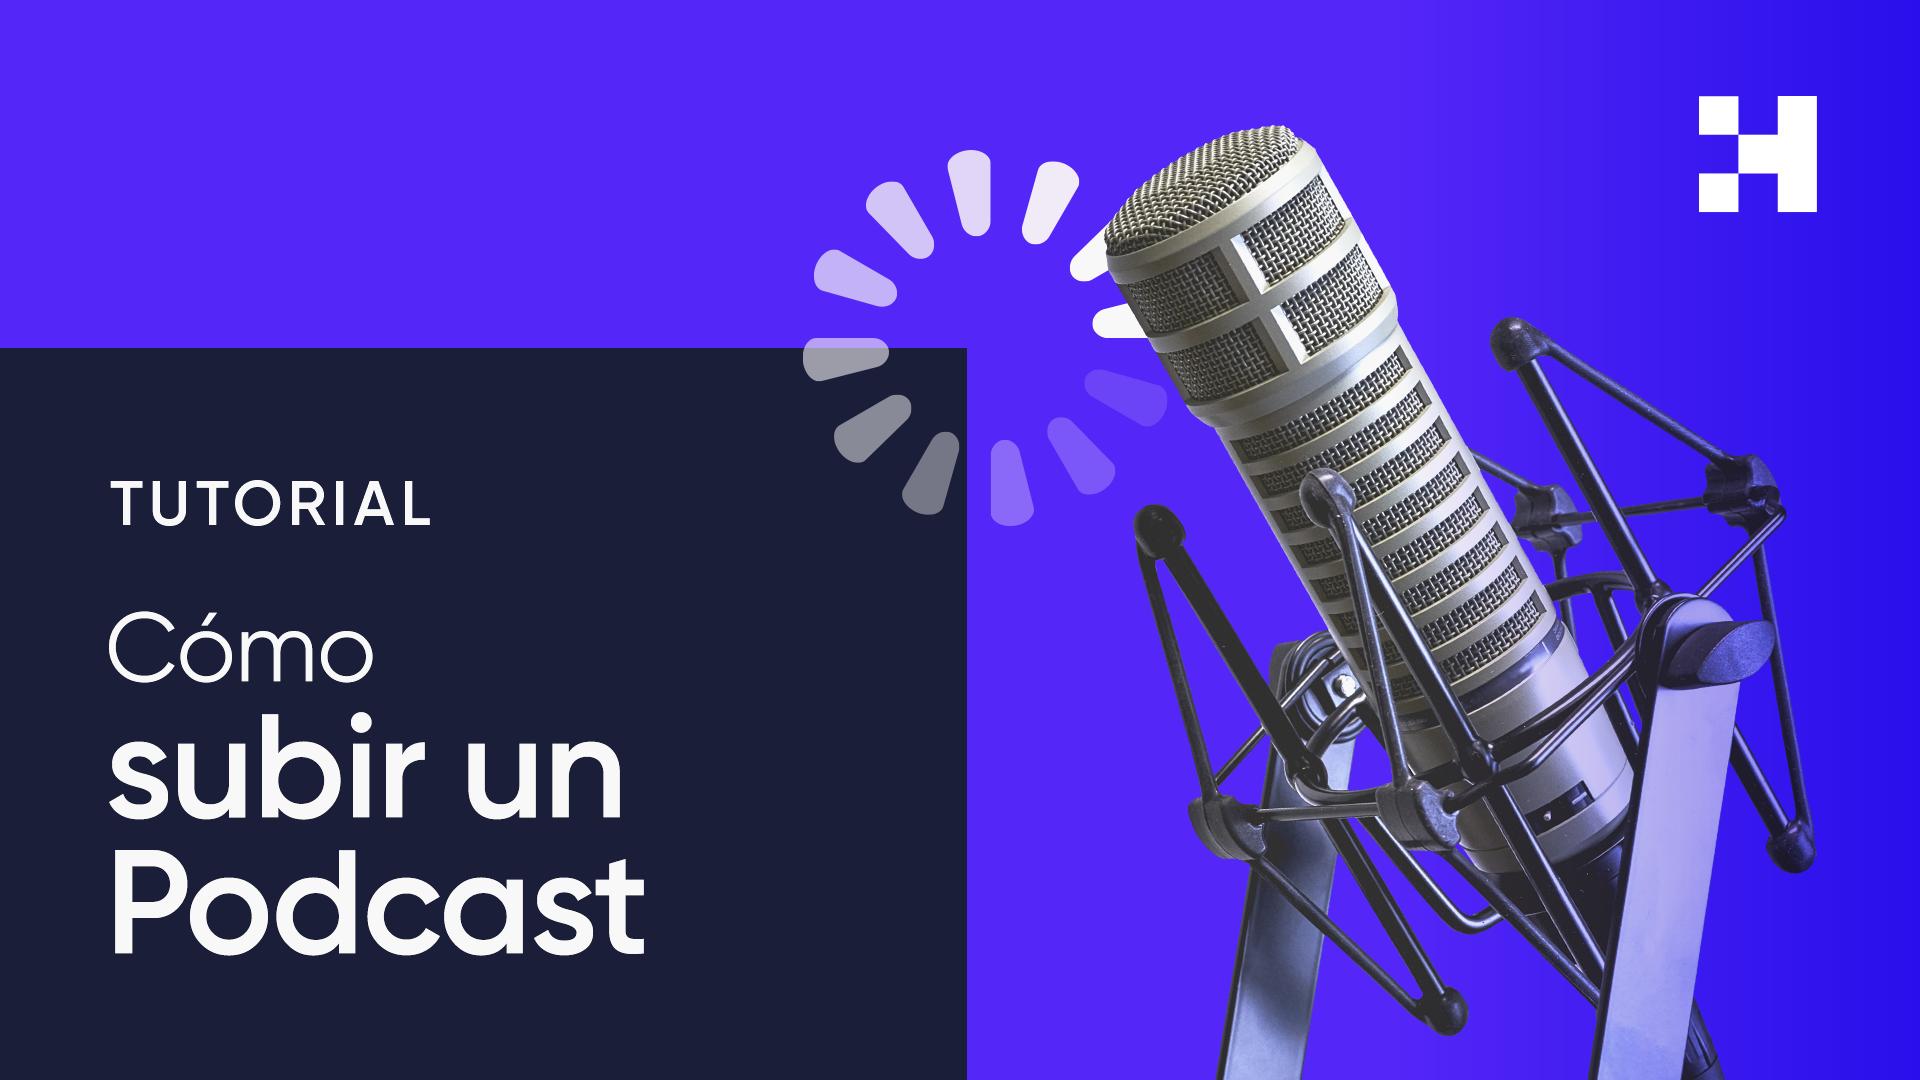 ¿Cómo subir un podcast a Spotify? ¡No creerás lo fácil que es!